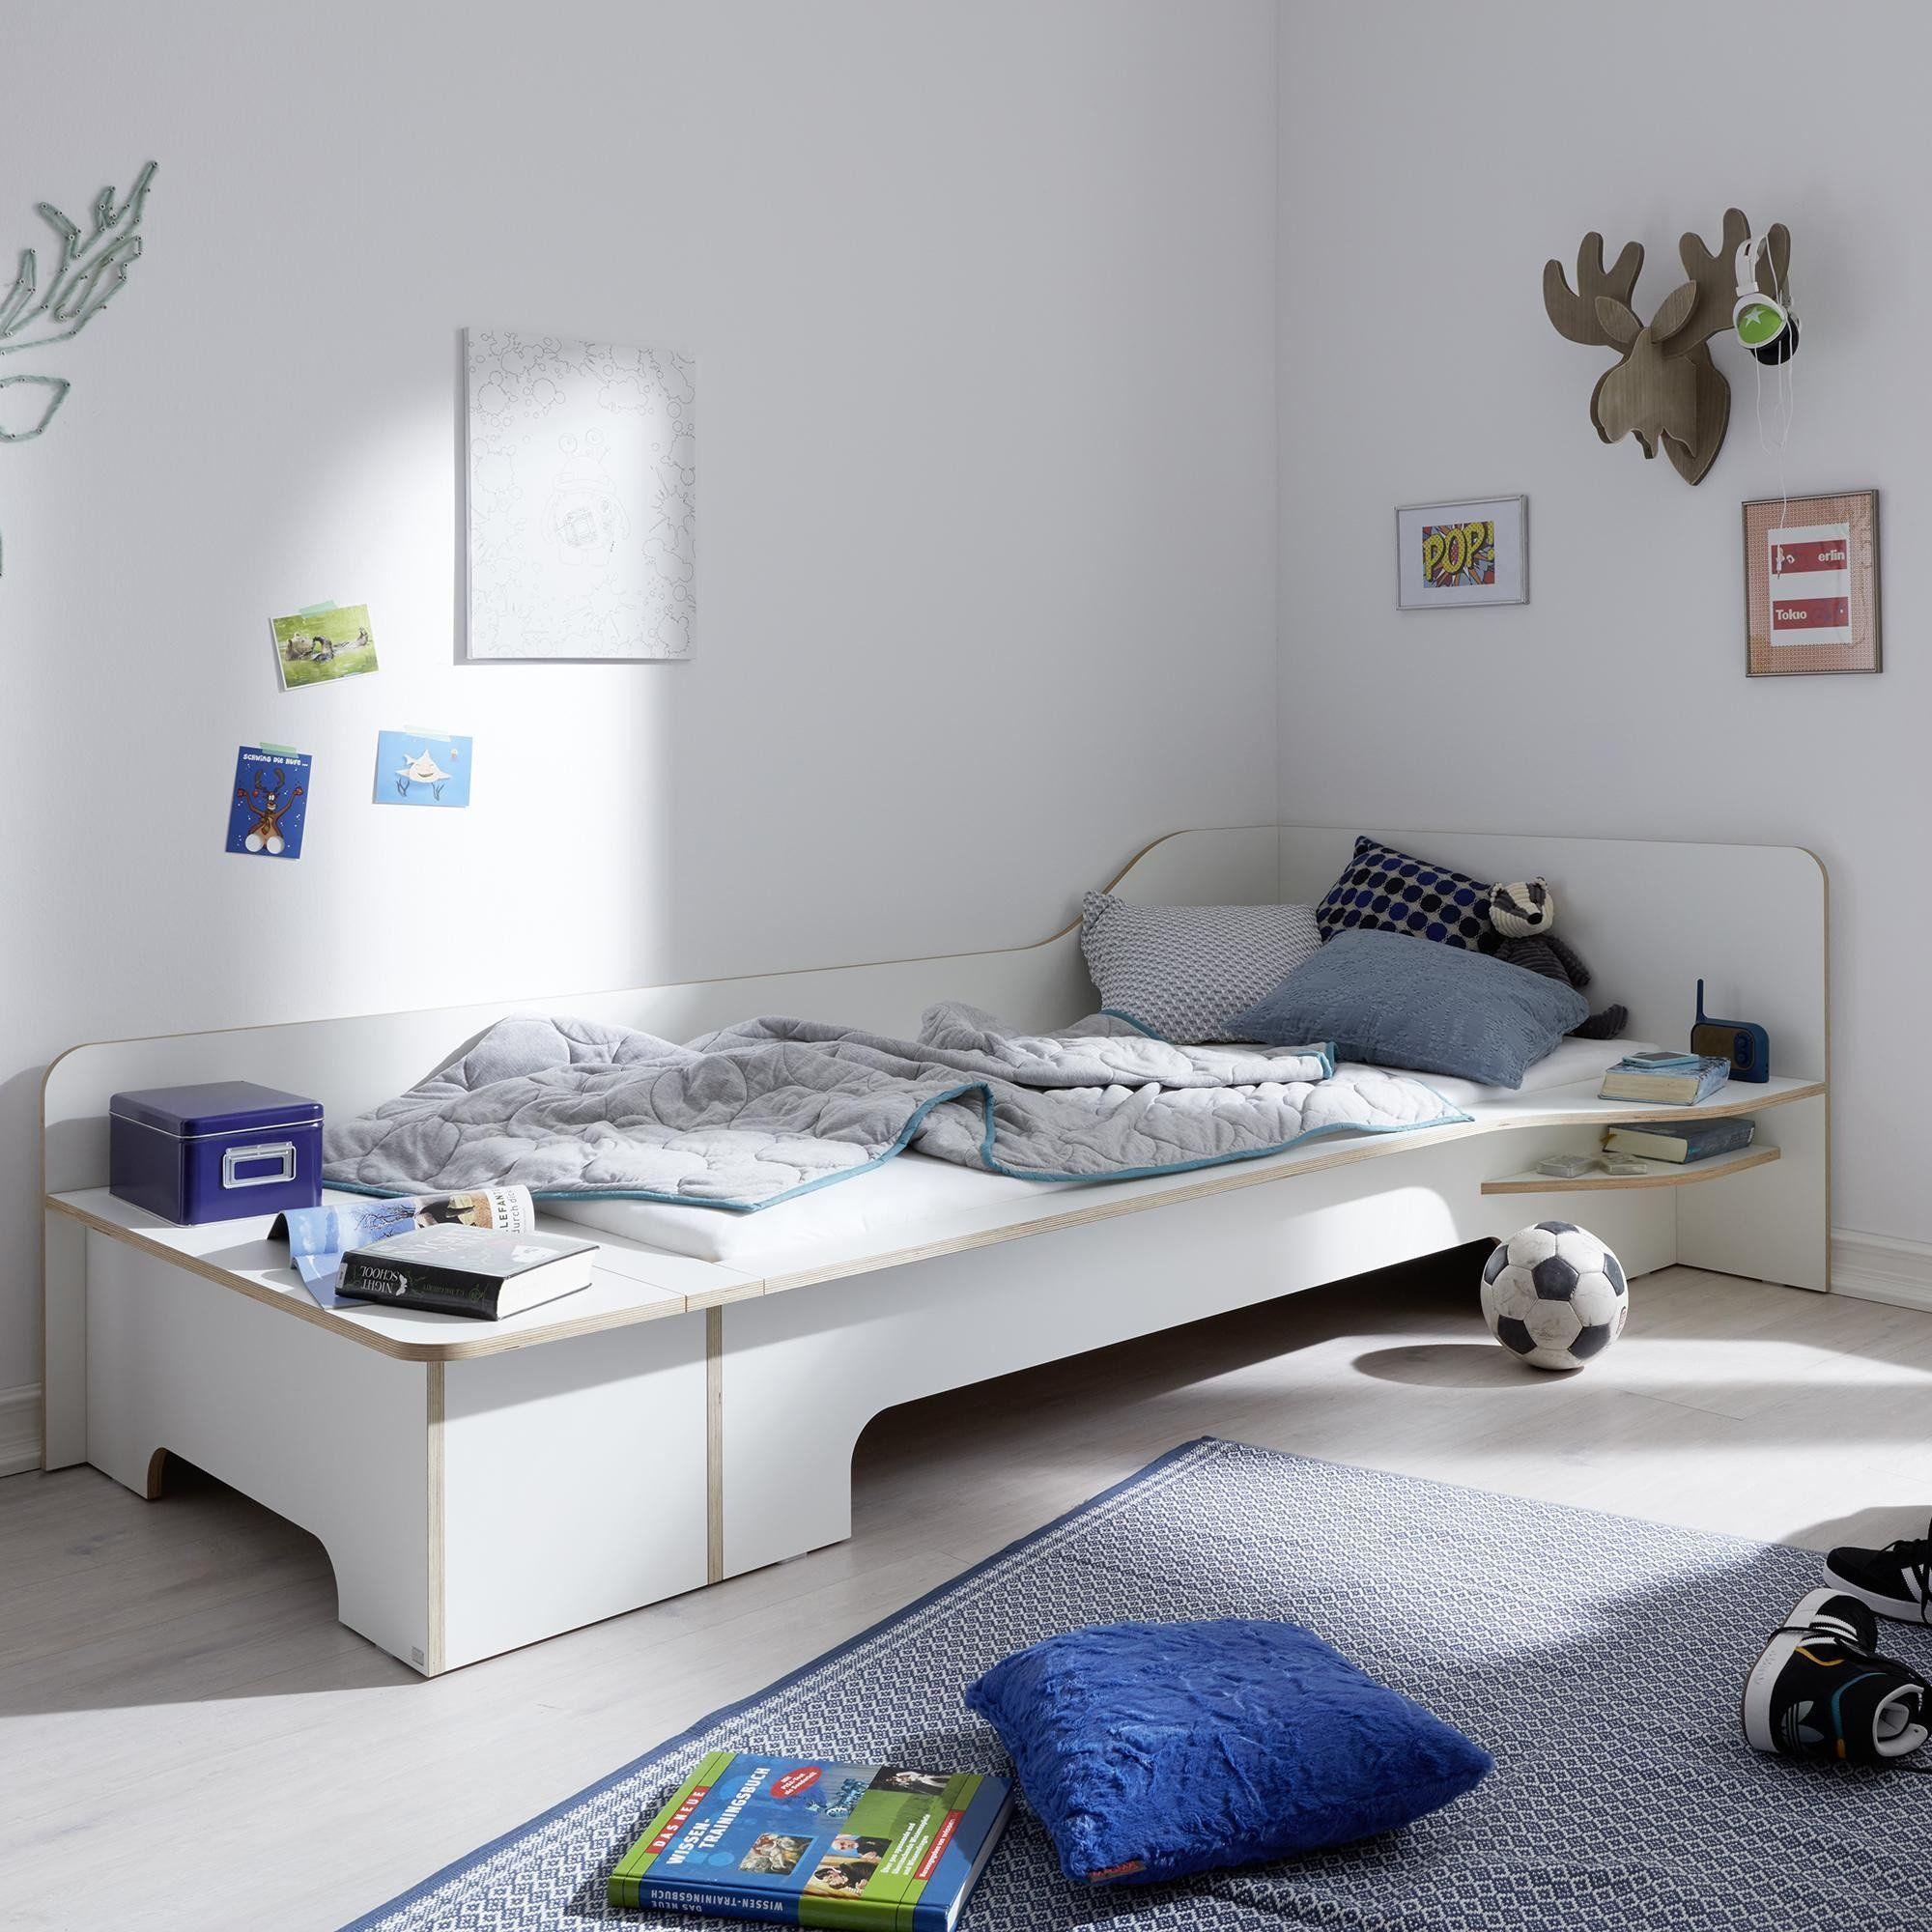 Einzelbett design  müller möbelwerkstätten Plane Einzelbett | AmbienteDirect